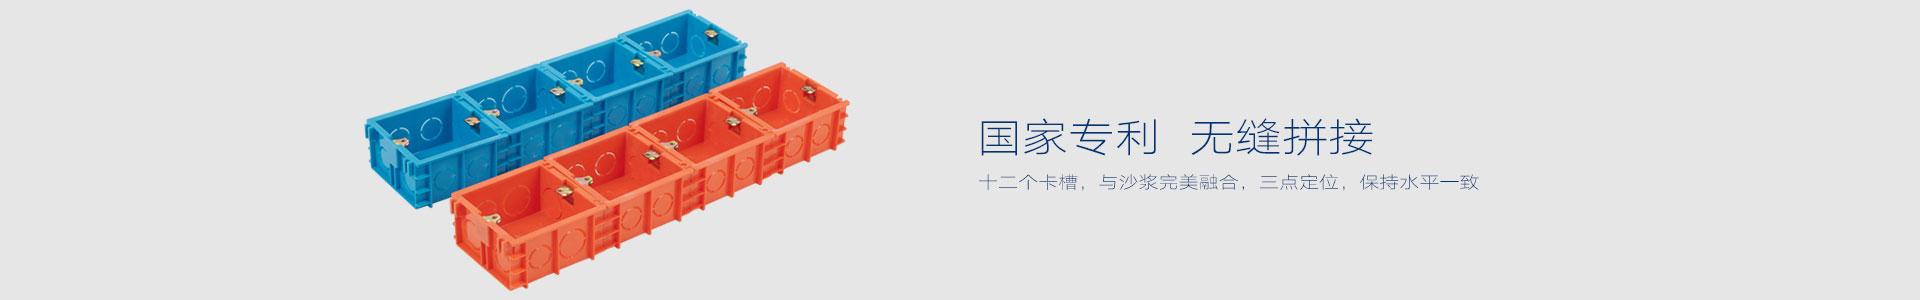 技术创新,专利产品倡导新生活-材通管业